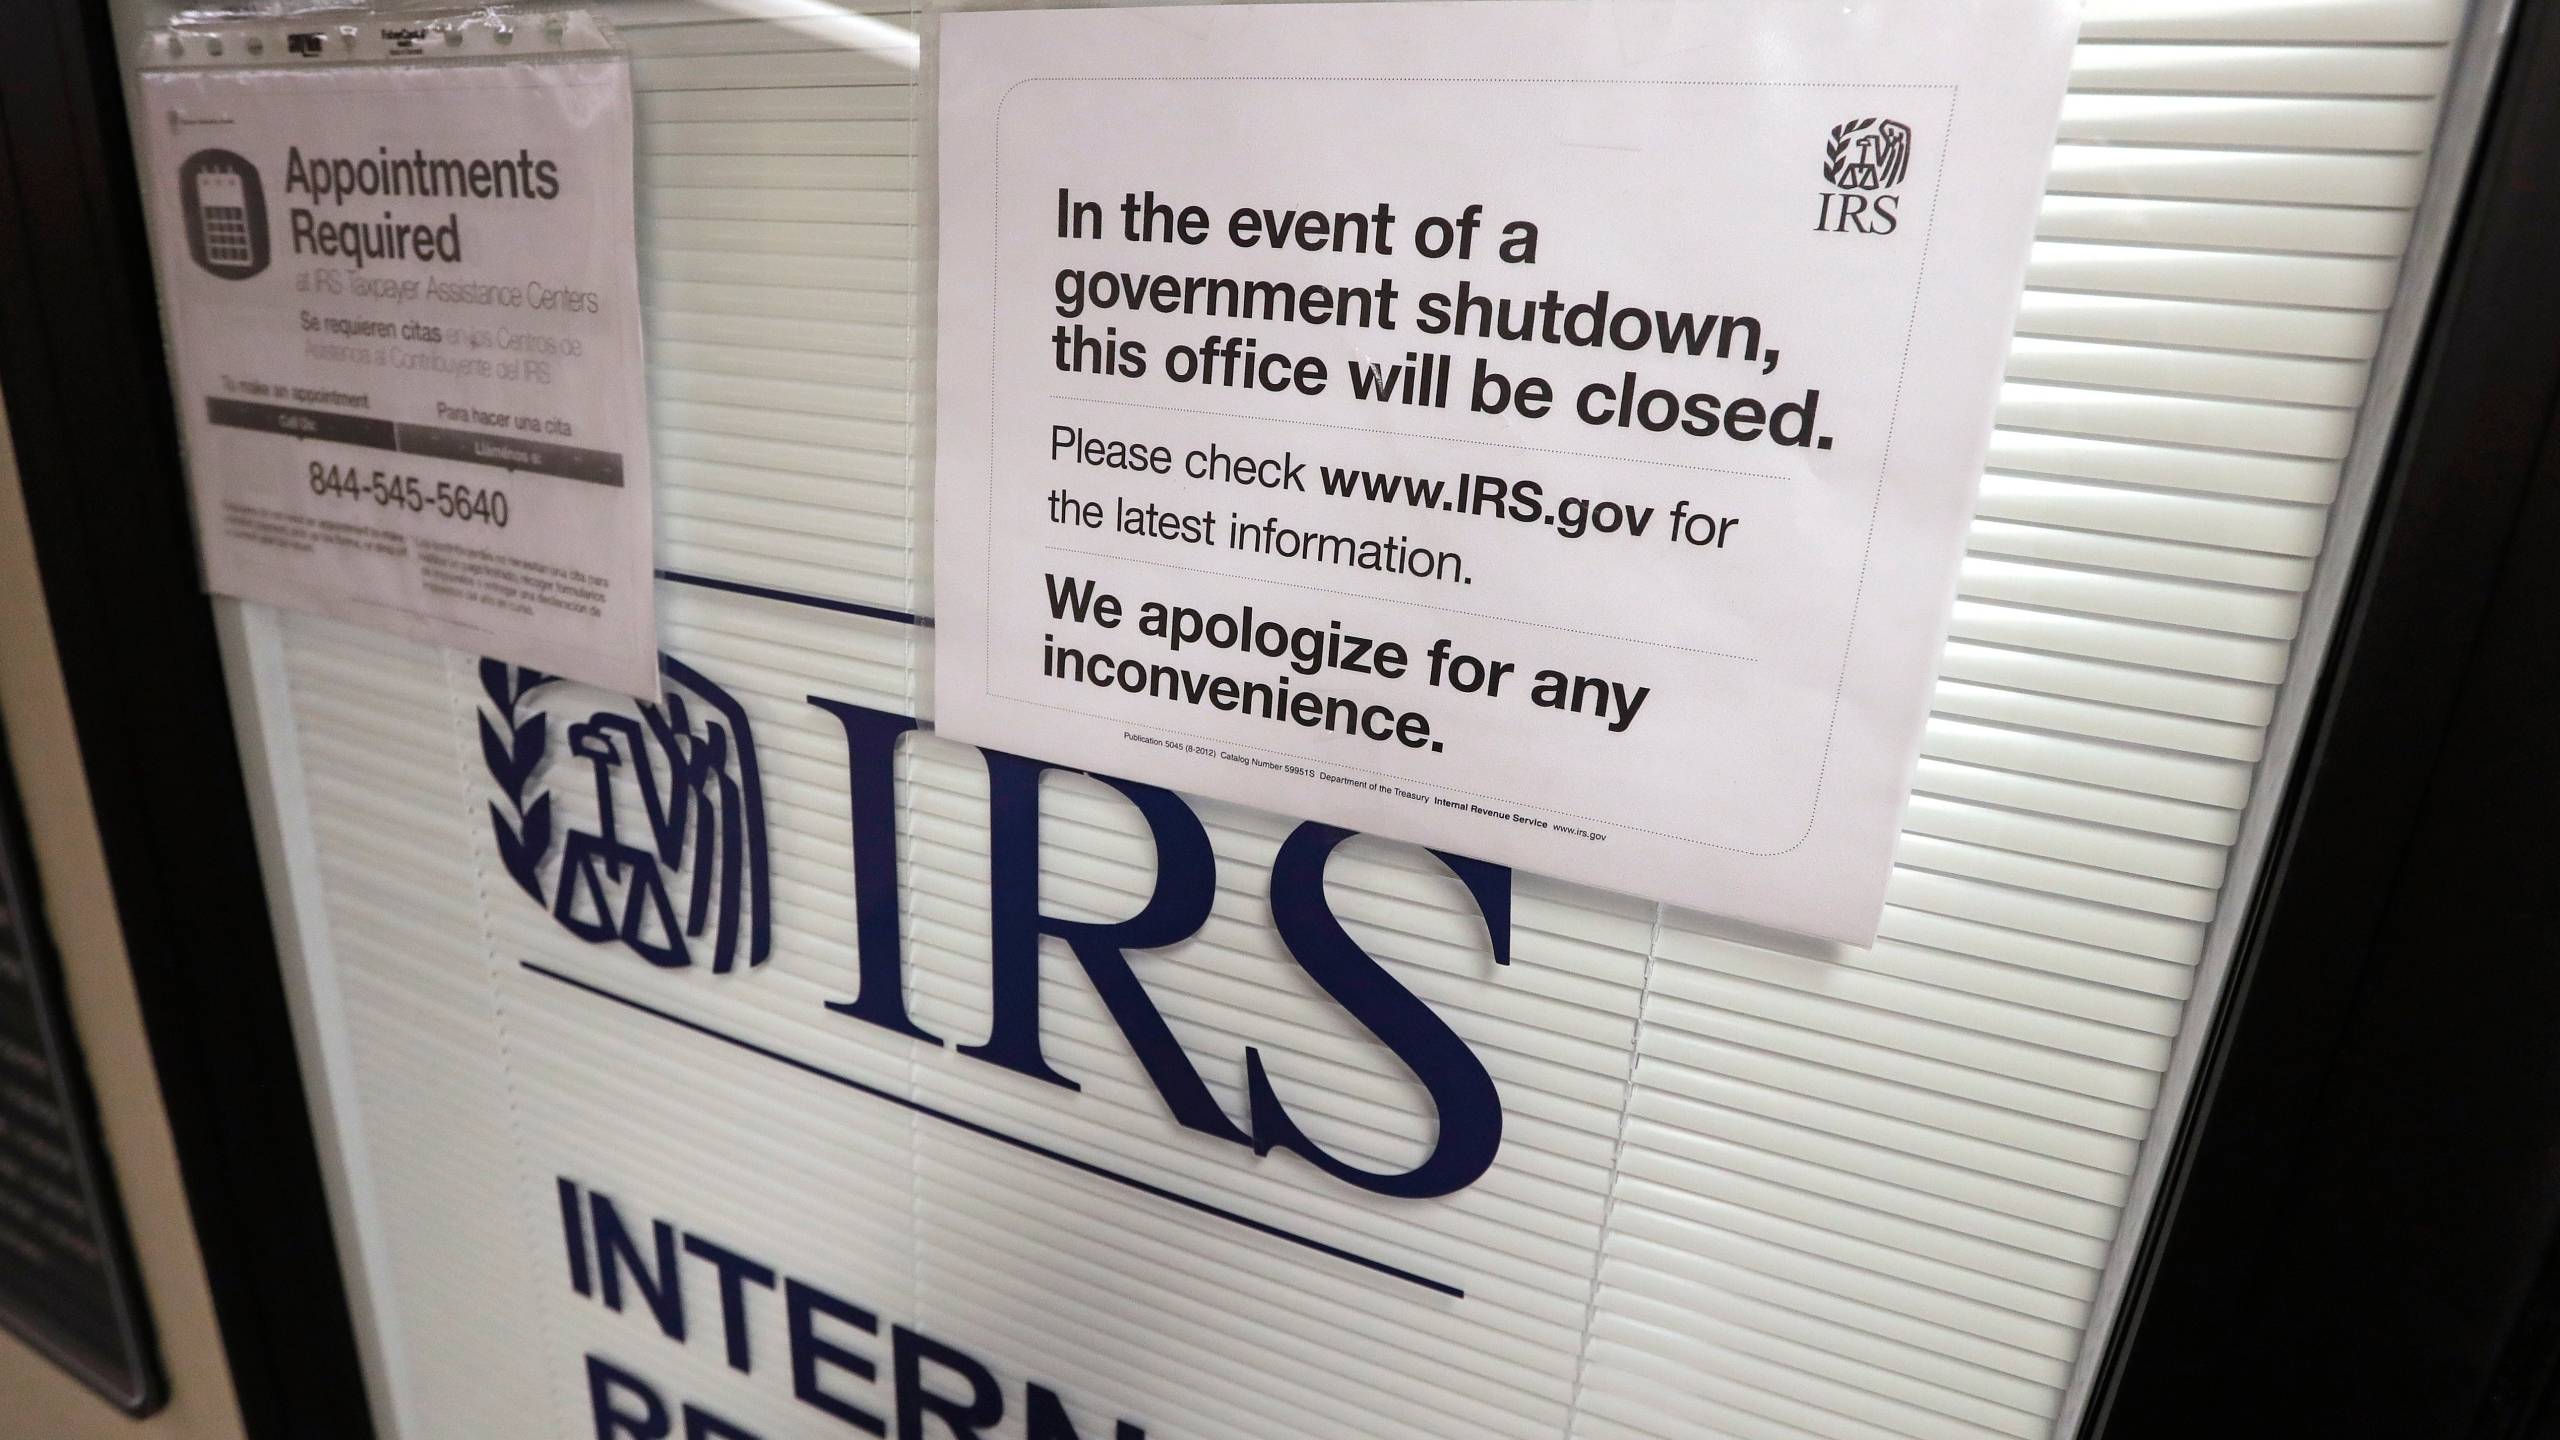 IRS_Watchdog_Impact_of_Shutdown_41330-159532.jpg17990251